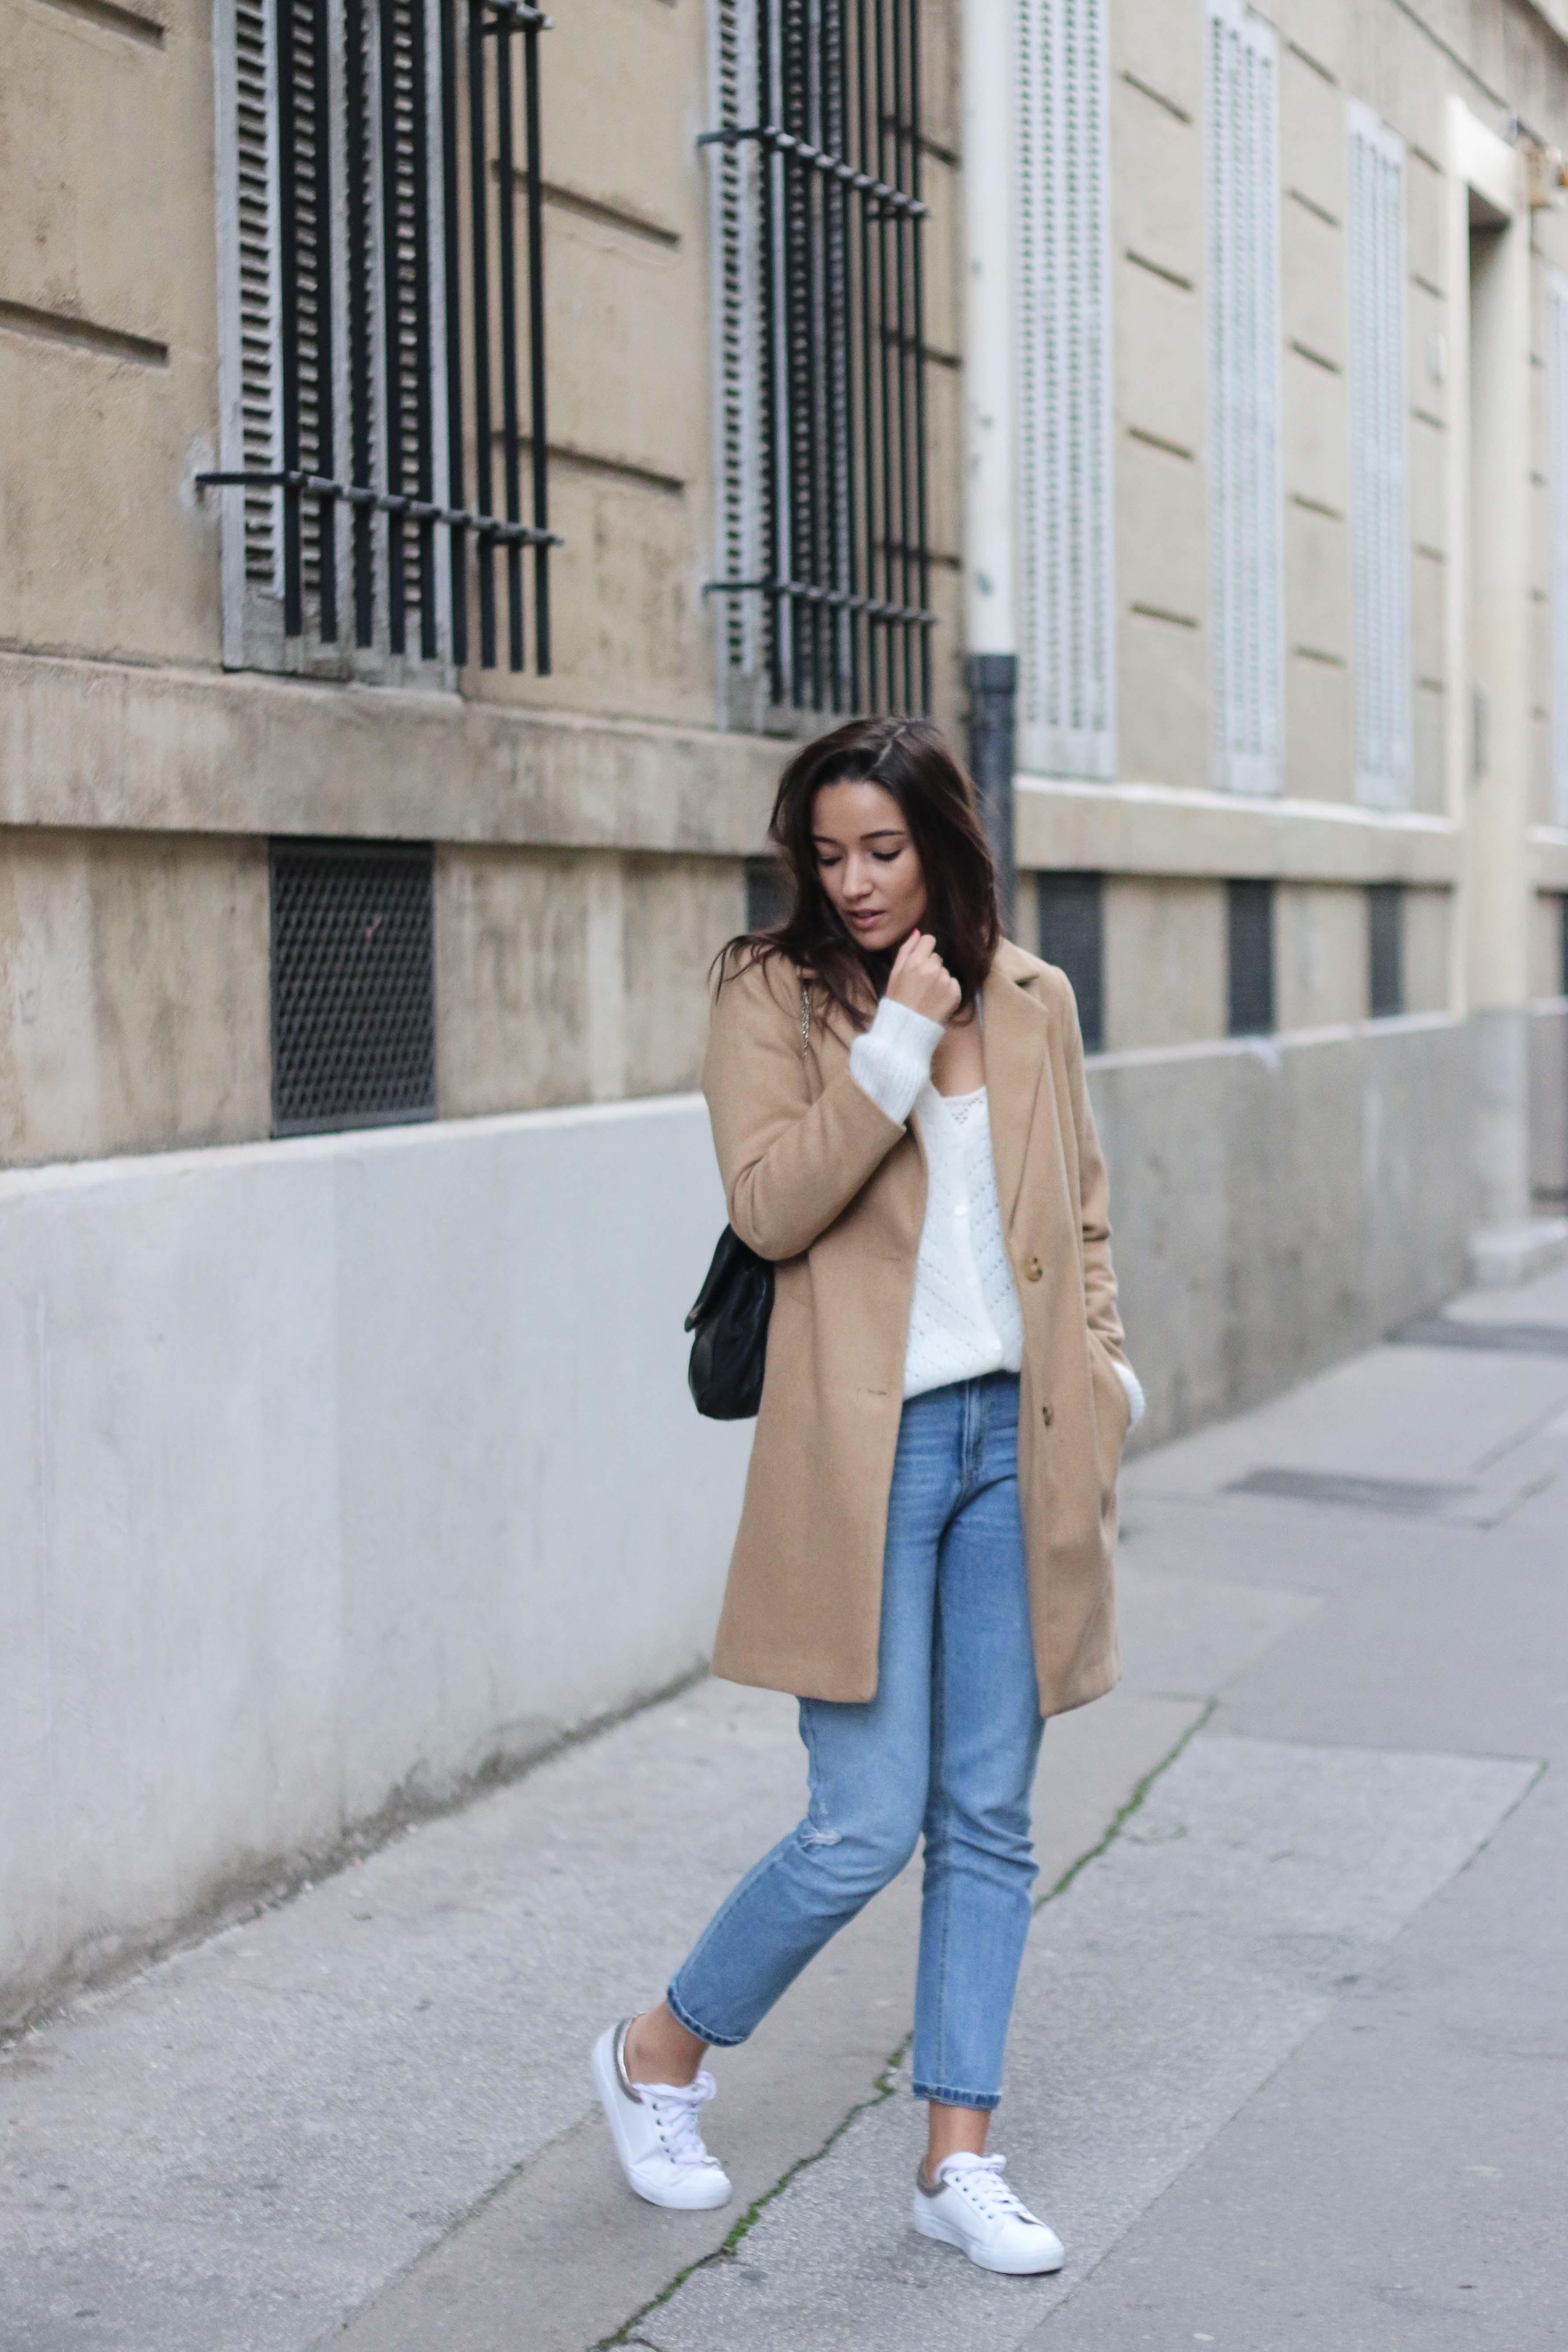 blog-mode-mom-jean-manteau-camel